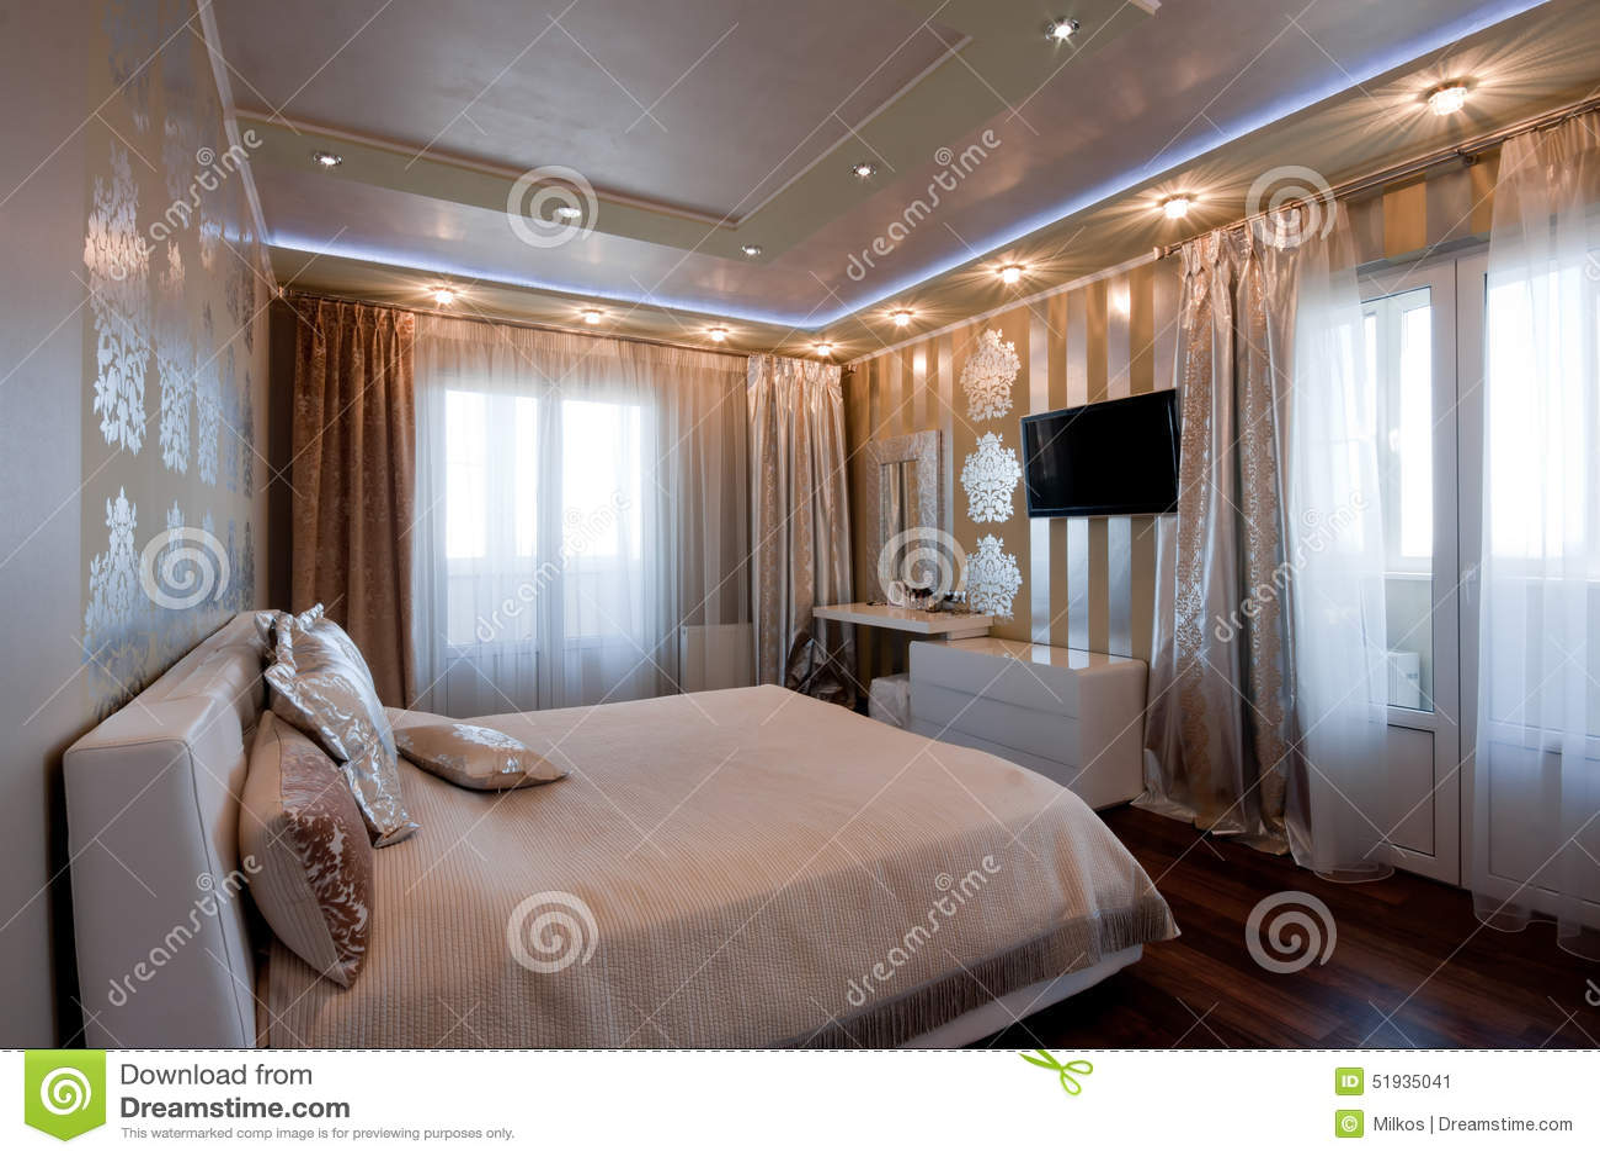 Colori moderni per camere da letto : colori moderni per camera da ...